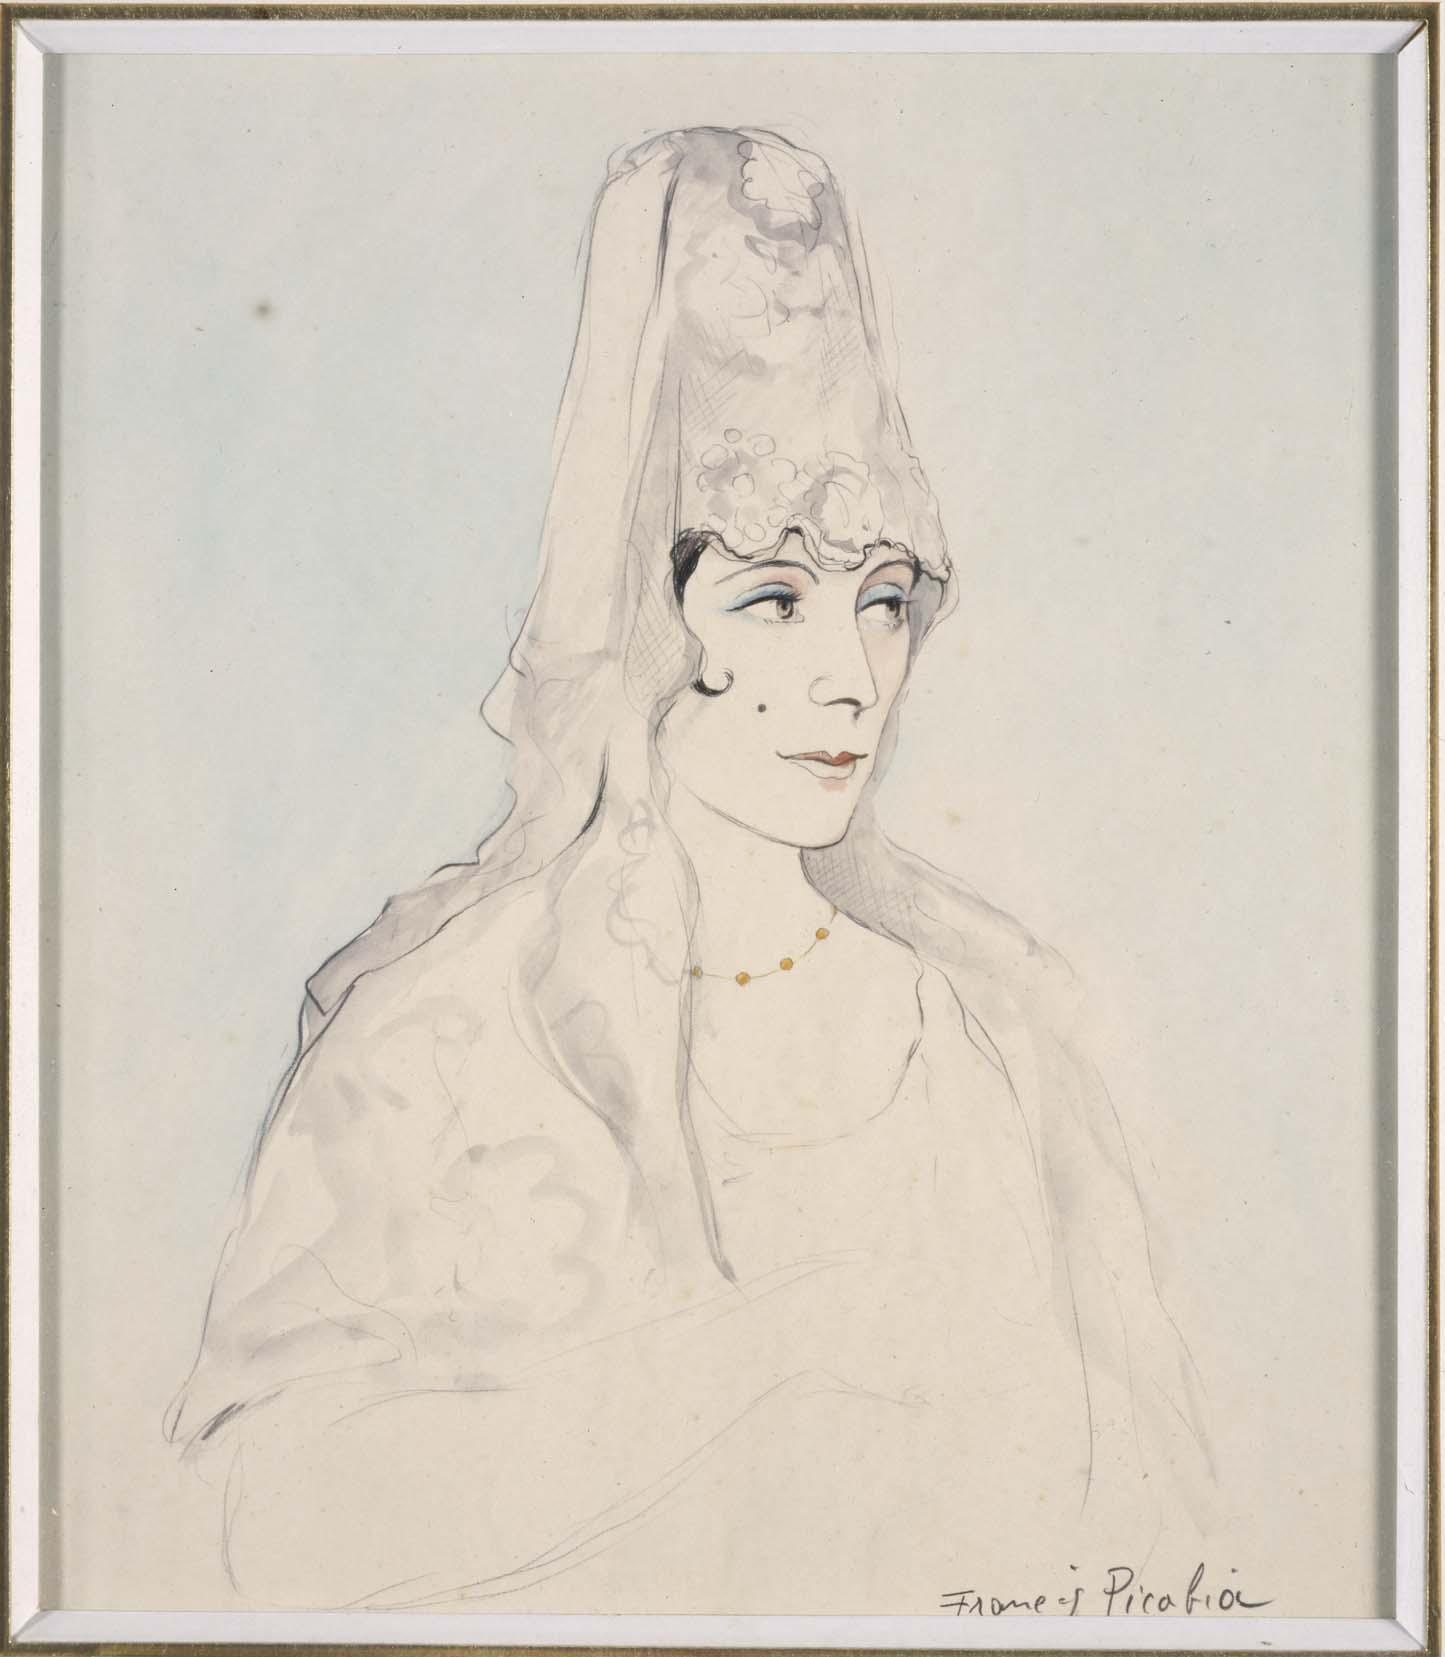 Francis Picabia, la spagnola